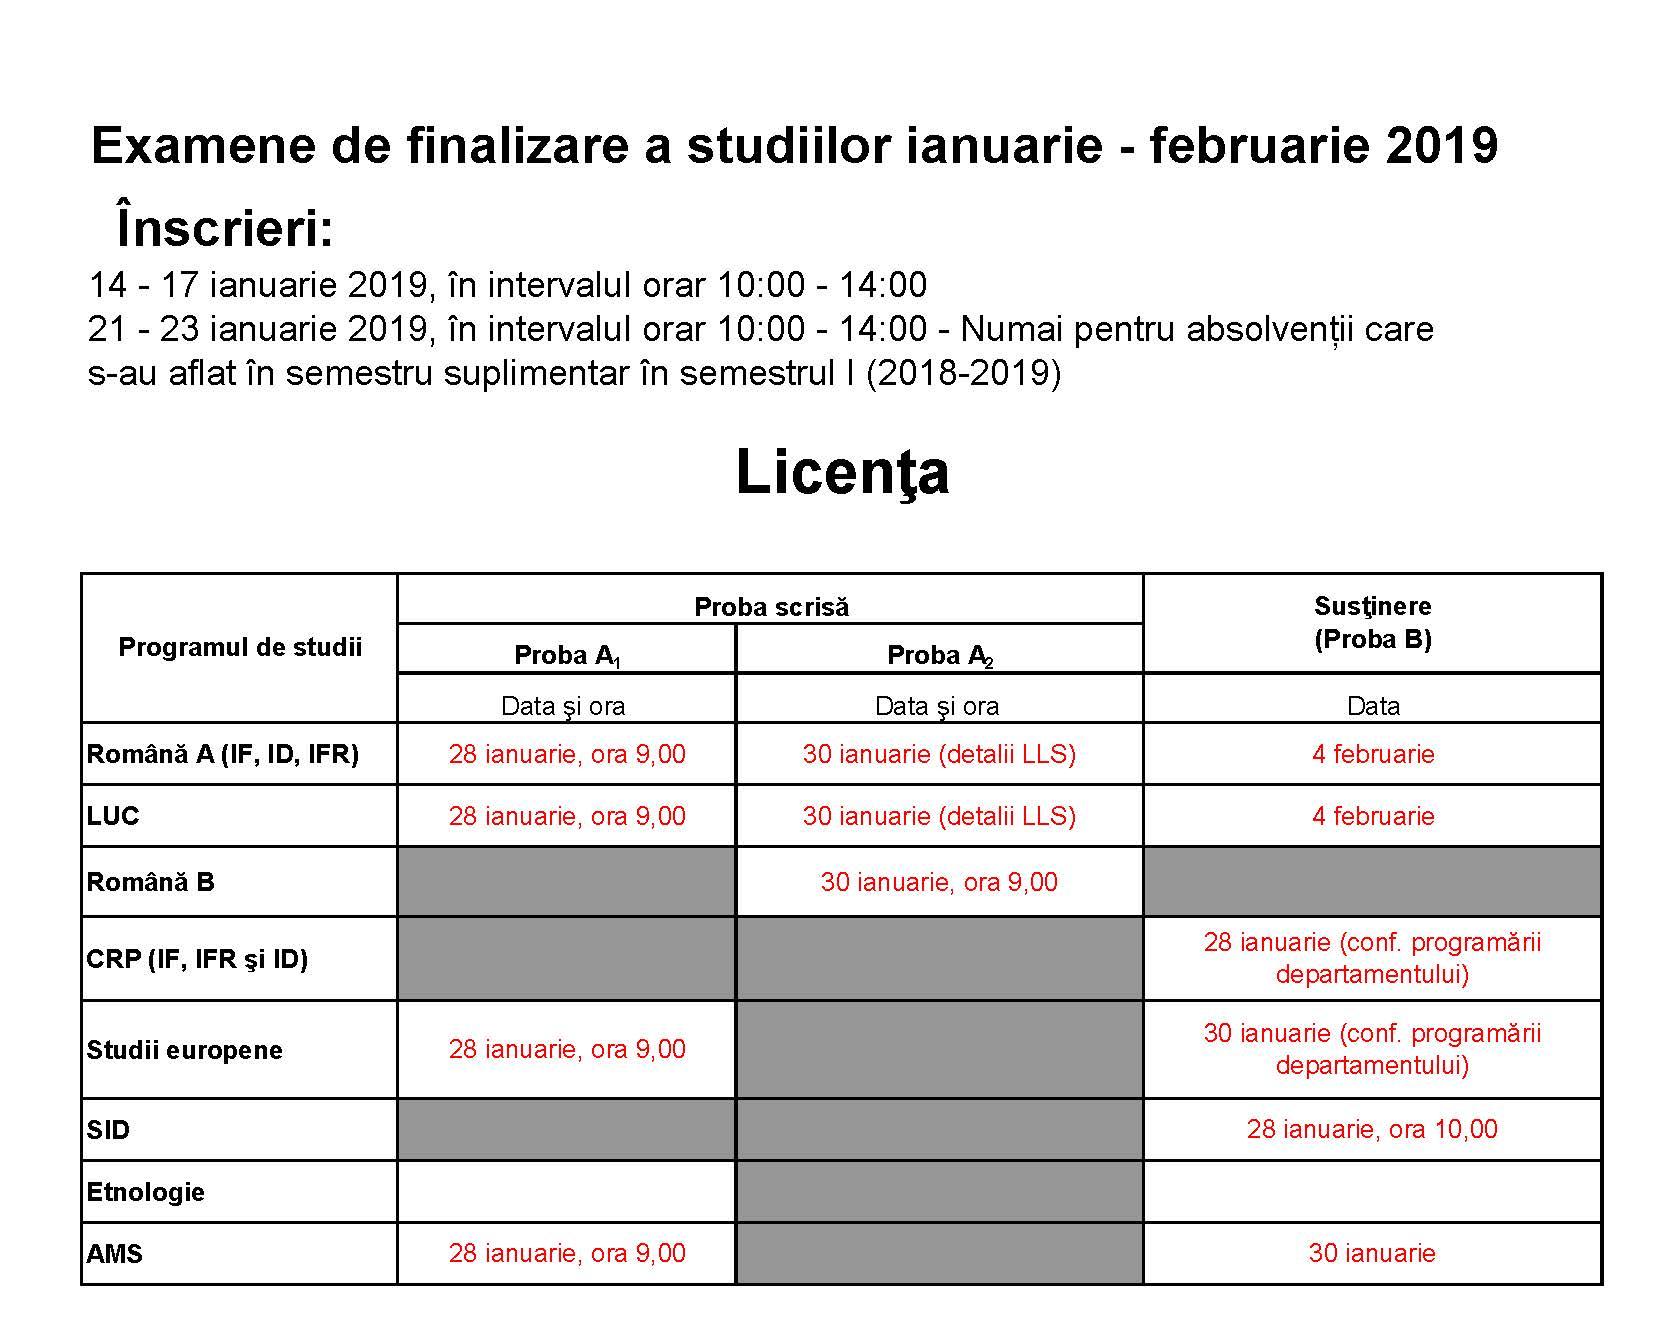 Programari examene de licenta si disertatie februarie 2019